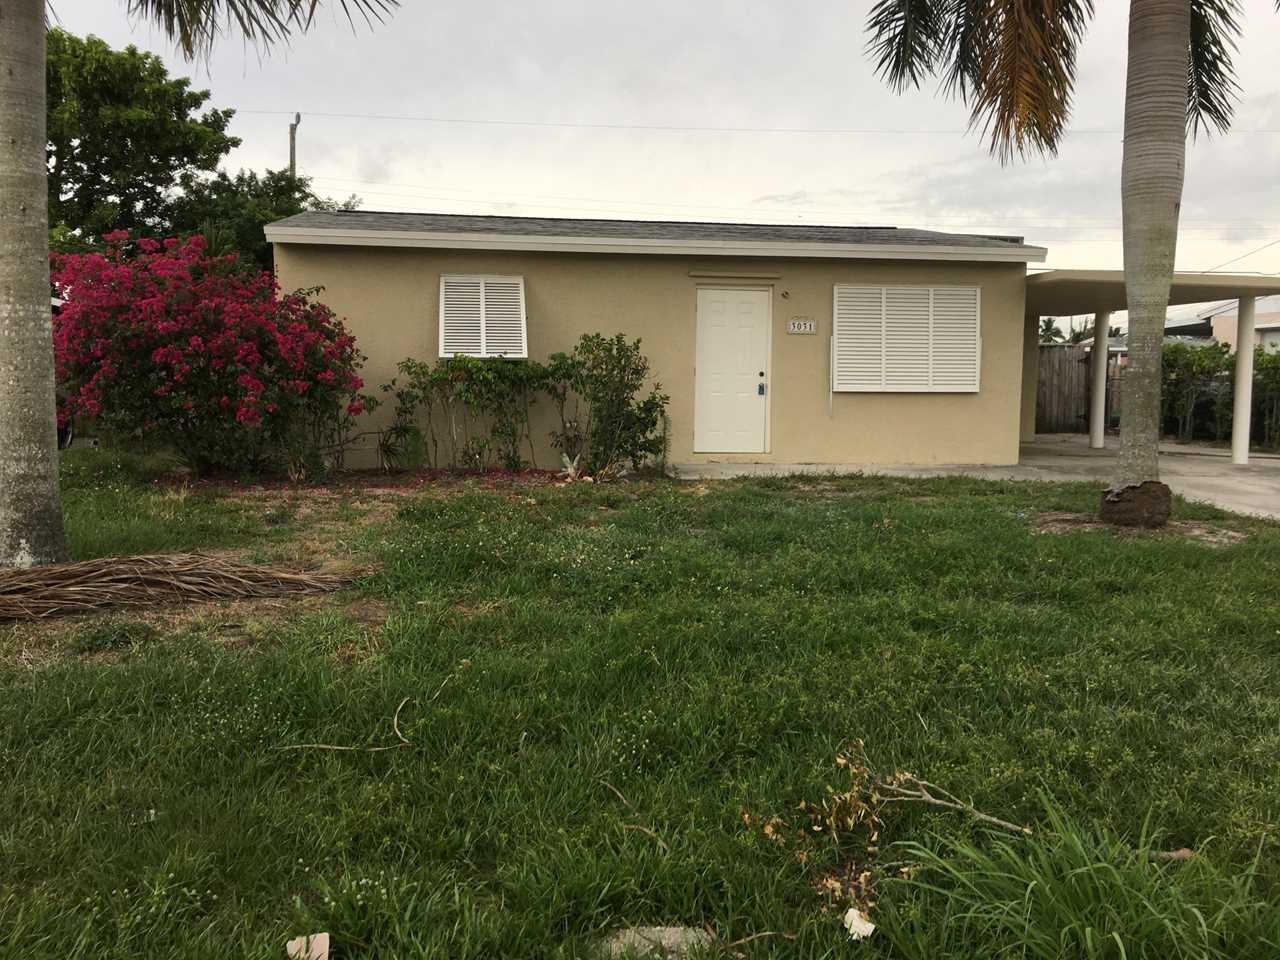 3031 Buckley Avenue Lake Worth, FL 33461 | MLS RX-10513185 Photo 1